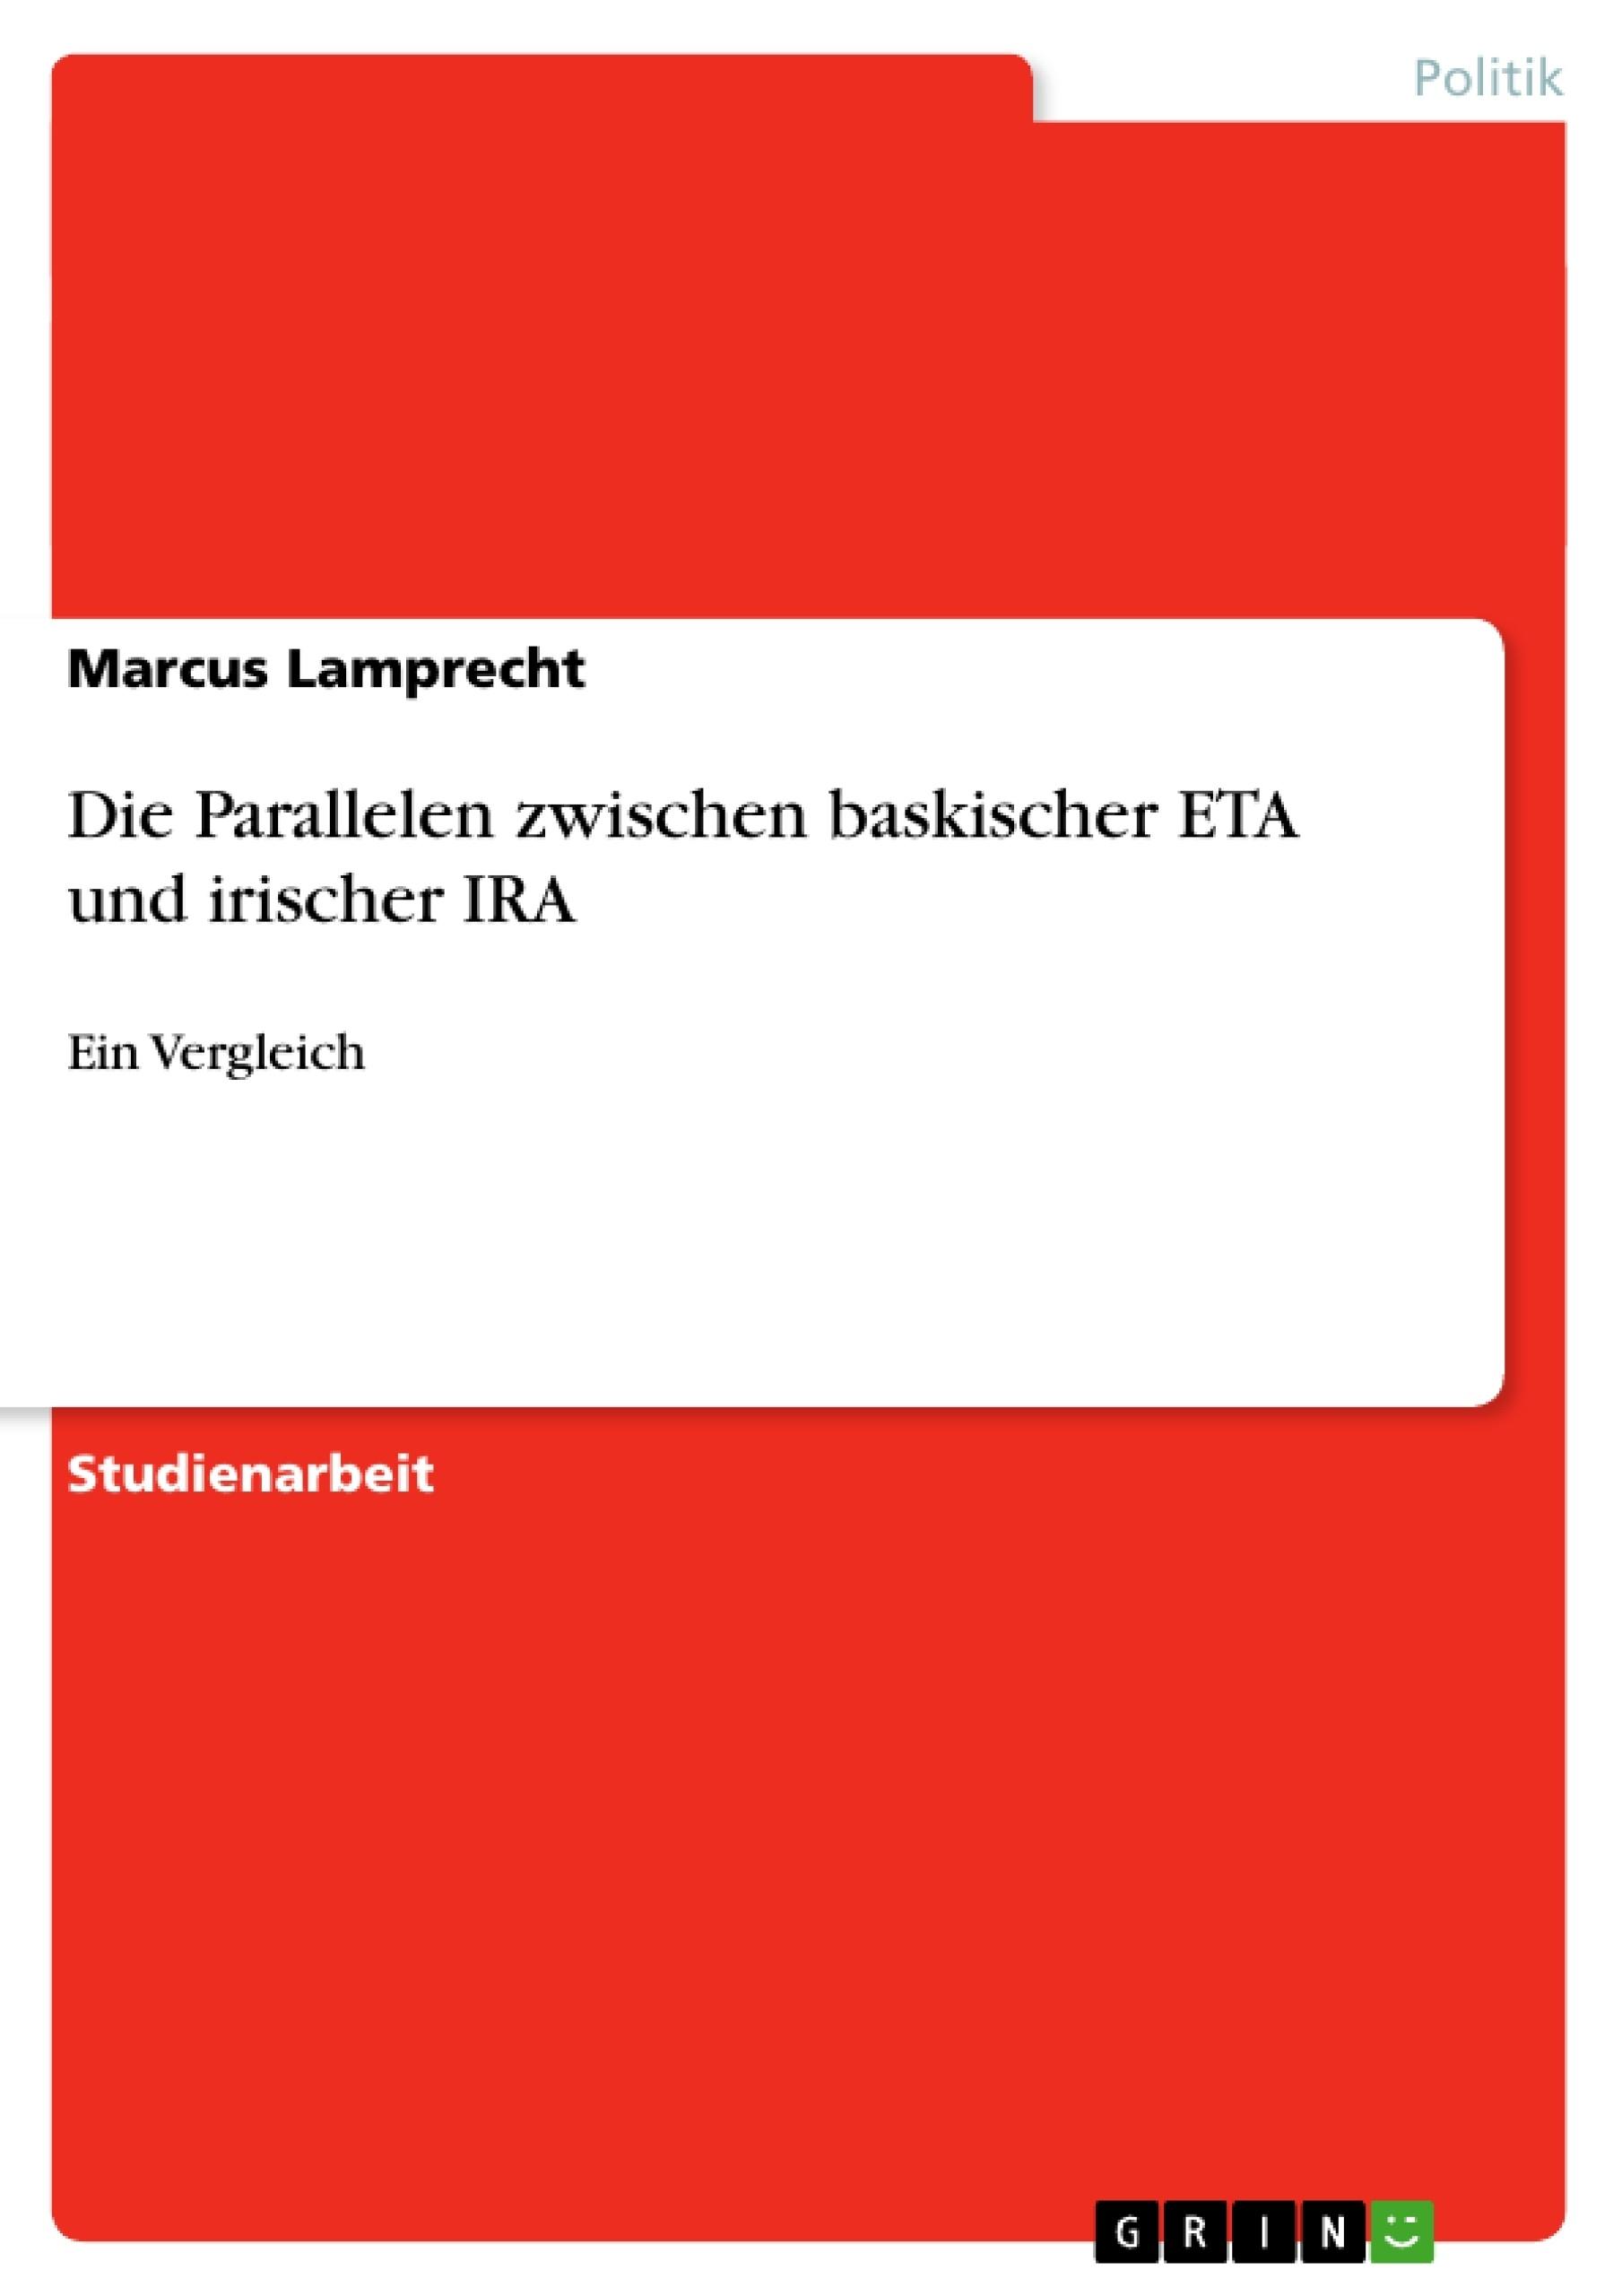 Titel: Die Parallelen zwischen baskischer ETA und irischer IRA